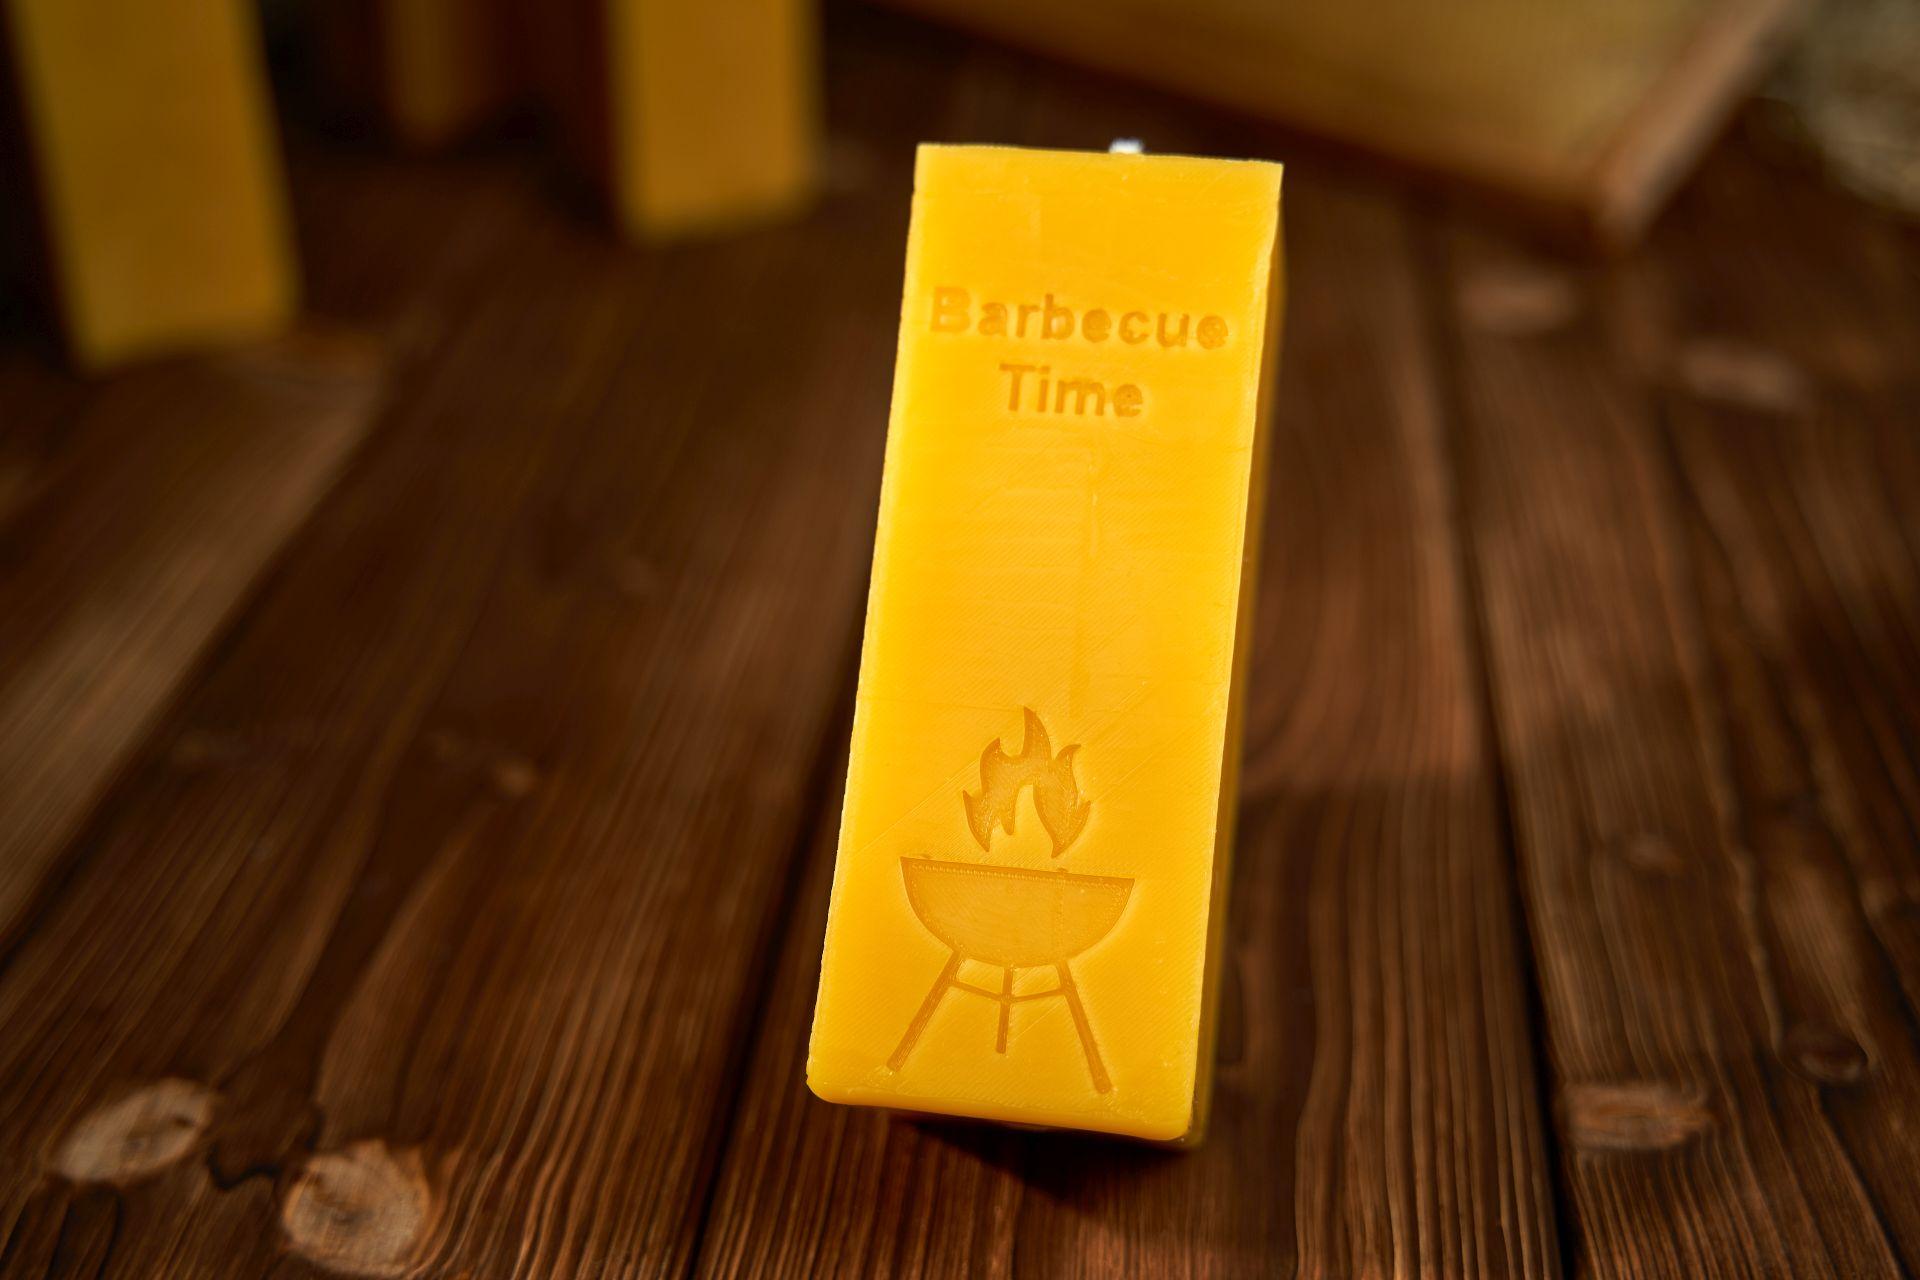 Barbecue Time Kerze (ca. 15cm x 5,5cm) aus 100% Bienenwachs vom Imker